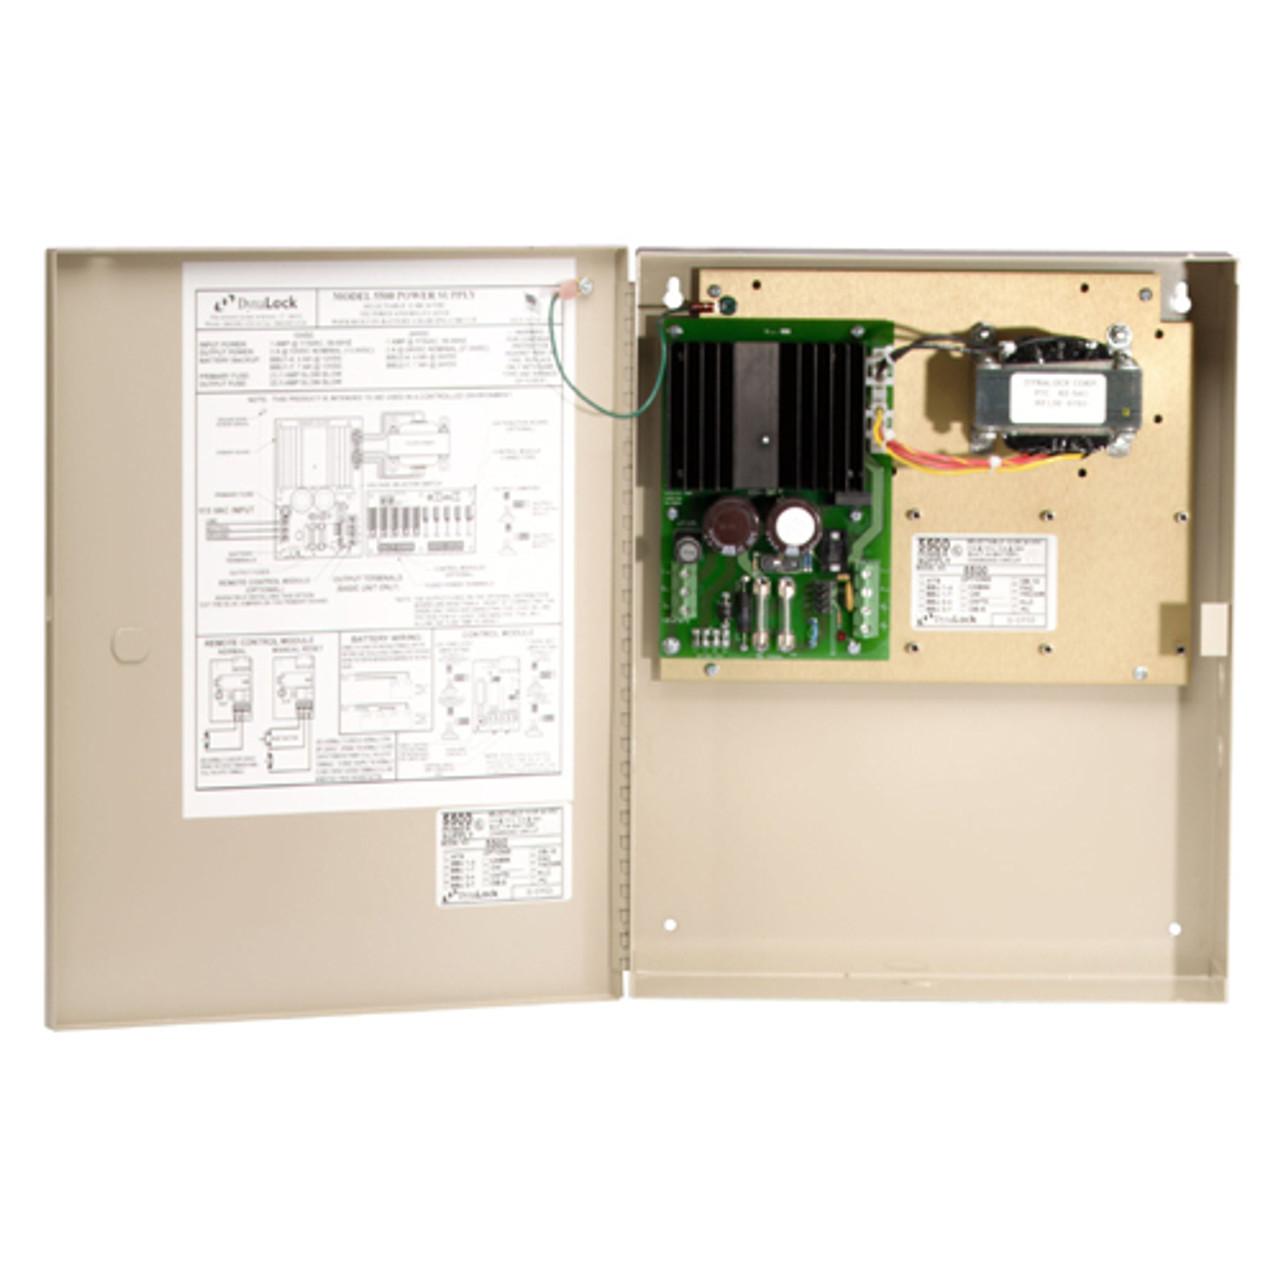 5500-FAC DynaLock Multi Zone Medium Duty Power Supply with Fire Alarm Module